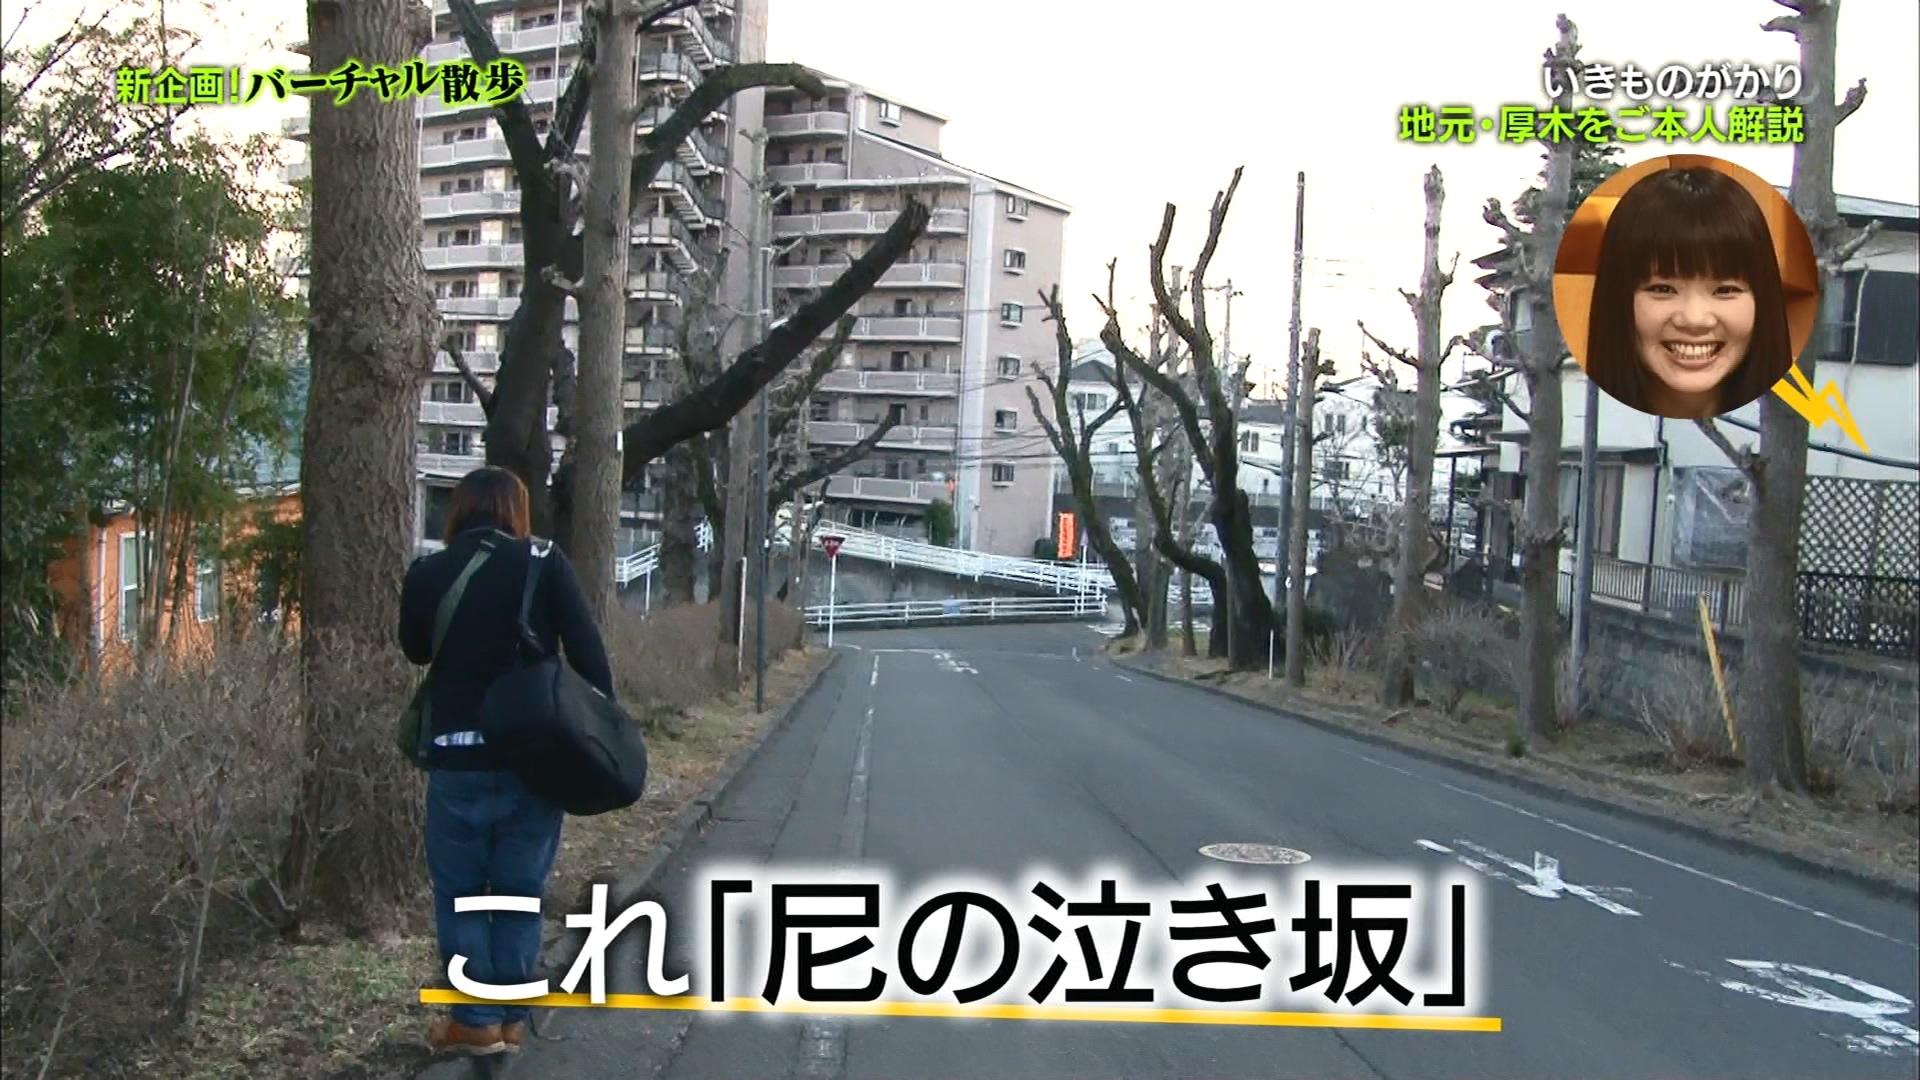 2016.03.11 全場(バズリズム).ts_20160312_013900.607